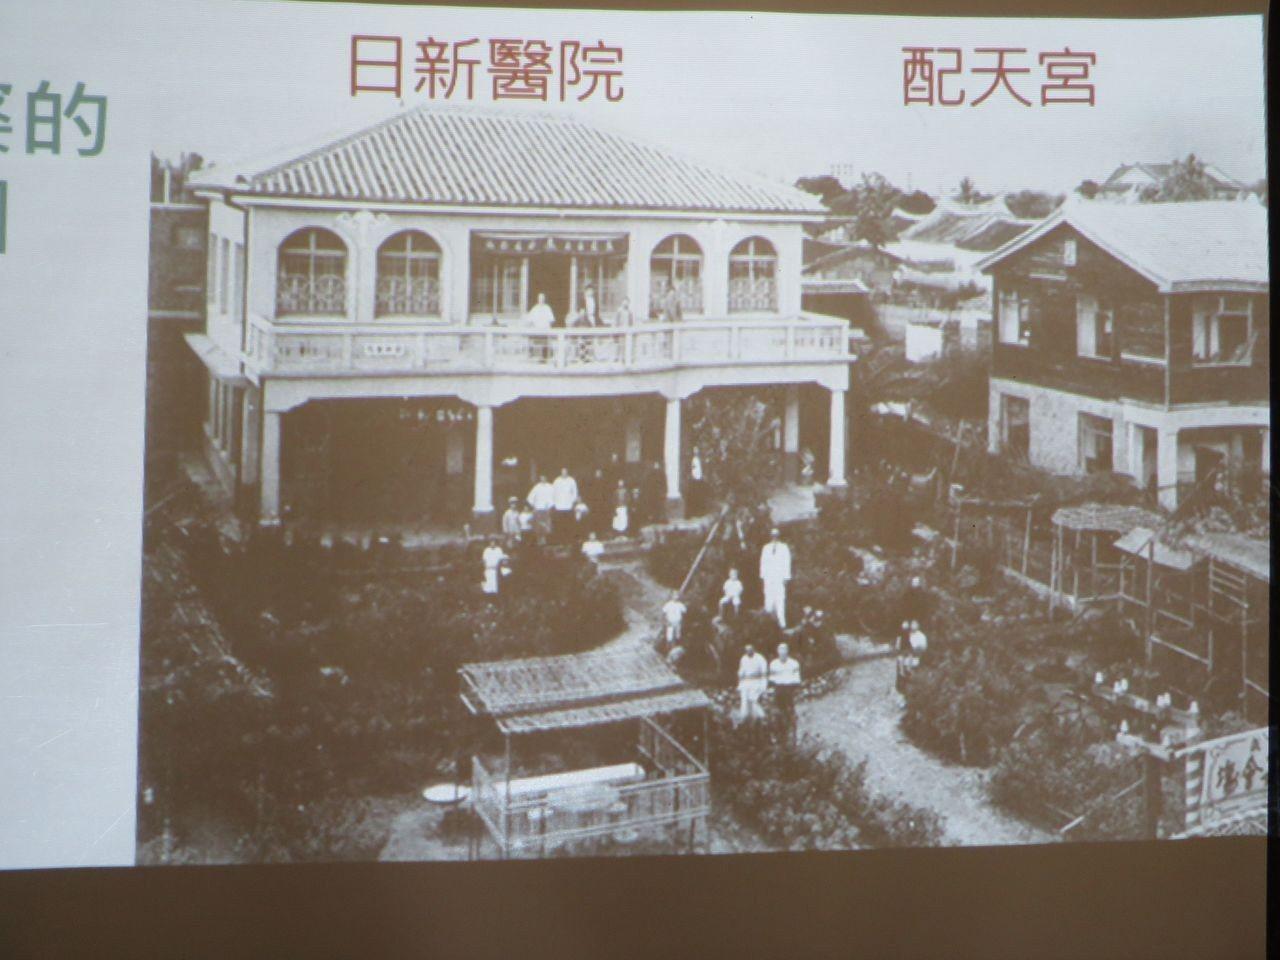 有81年歷史的台灣第一幢庭院式西式醫院─嘉義縣定古蹟日新醫院,日治時期建築原貌。...